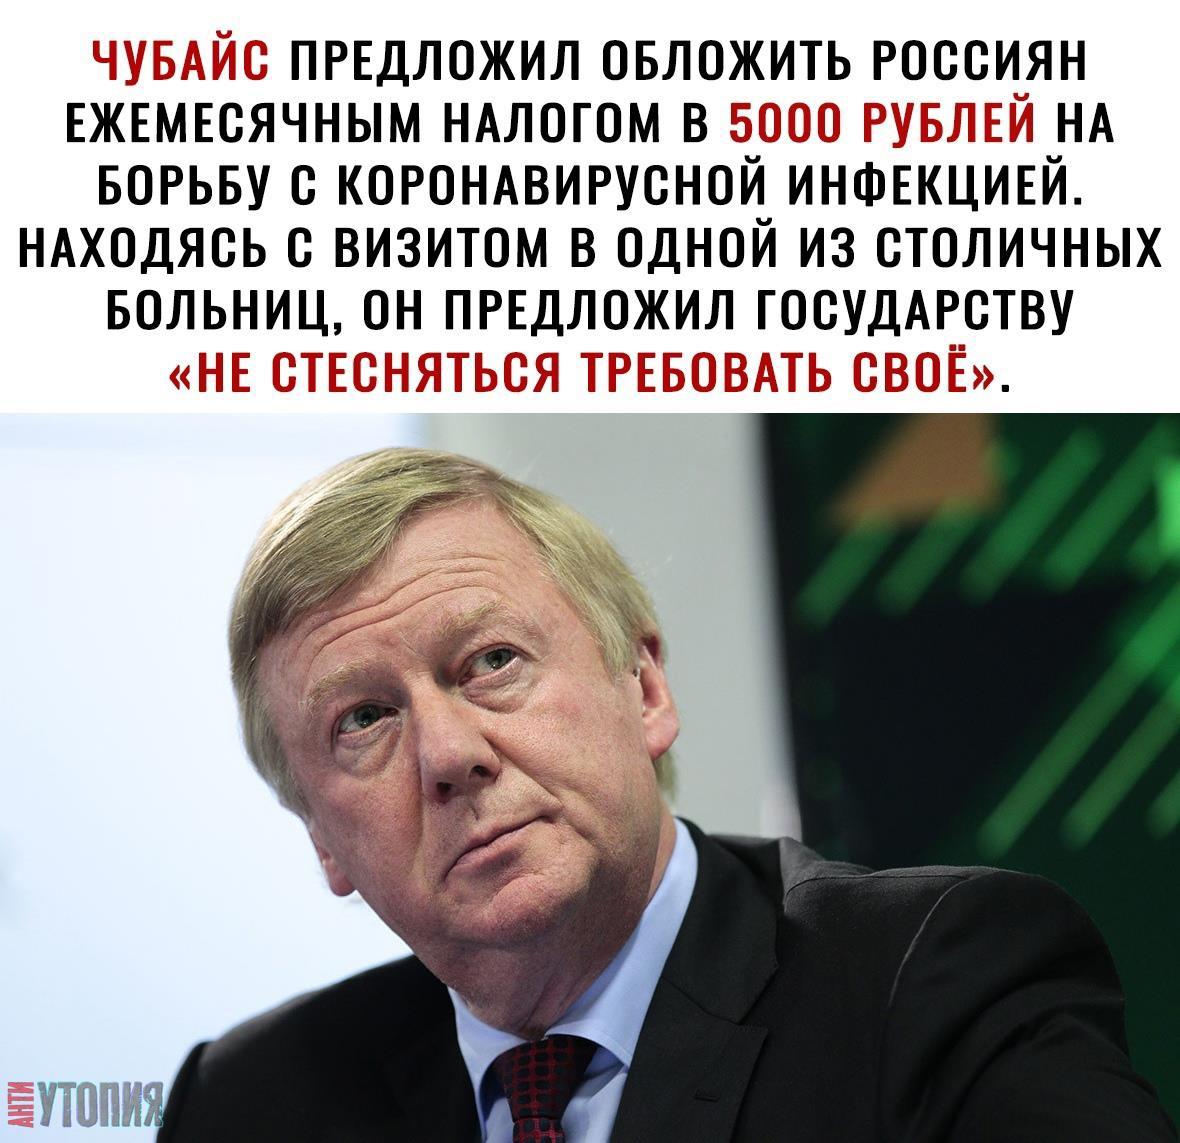 АНТИУТОПИЯ  УТОПИЯ 166764